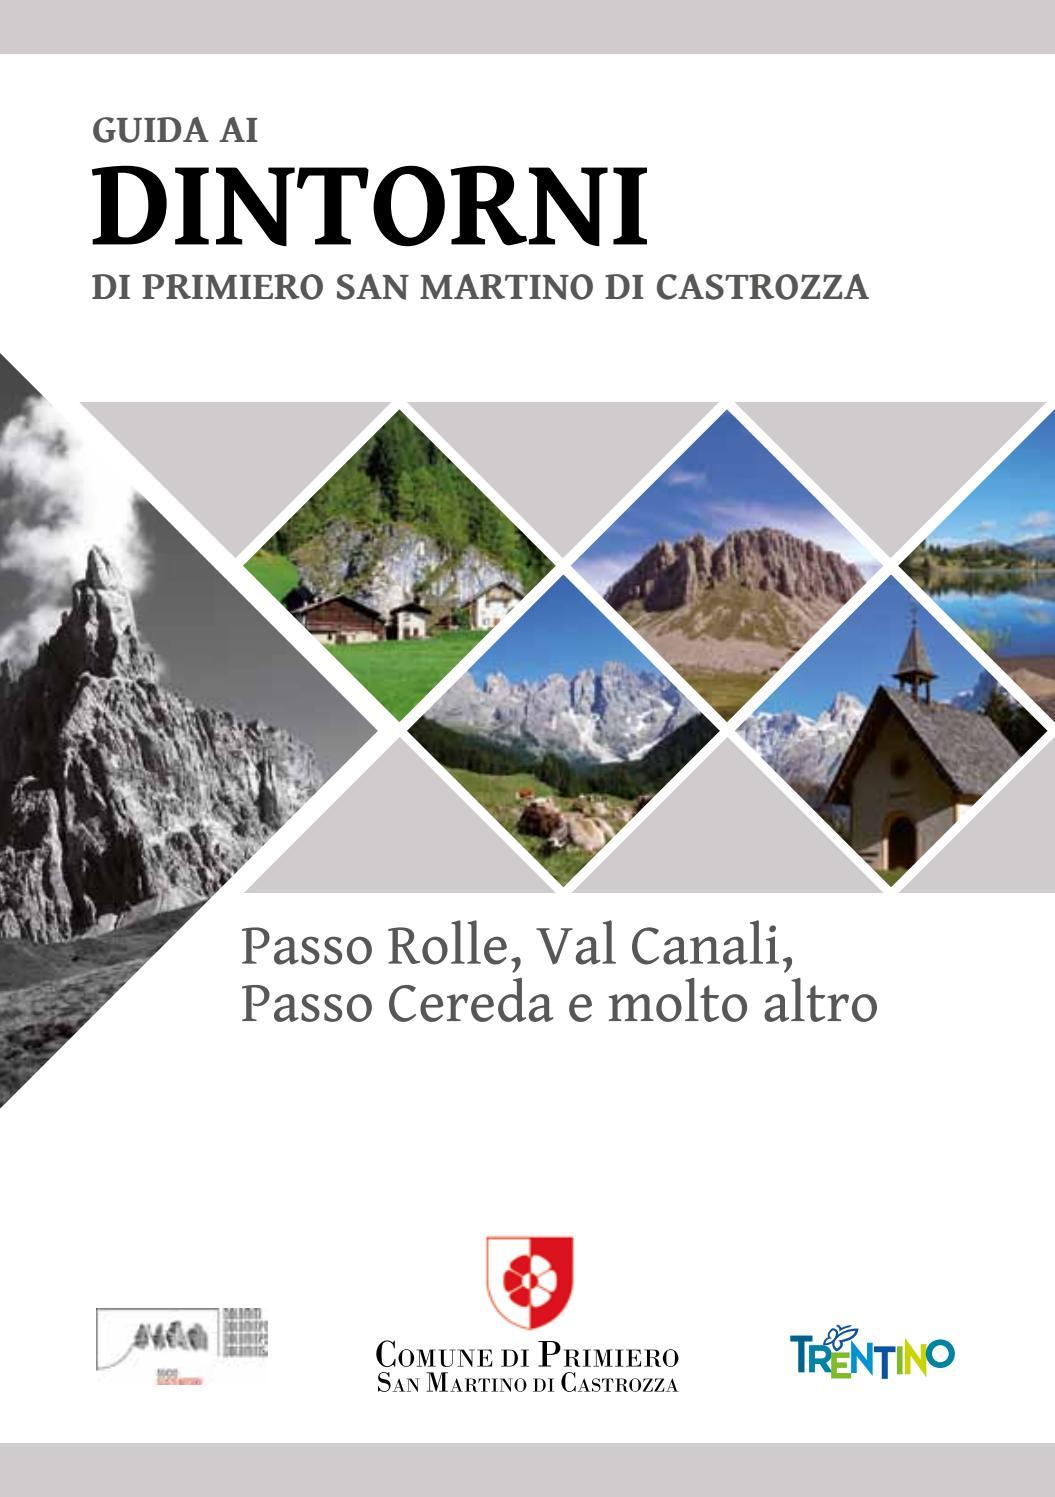 Guida Ai Dintorni Di Primiero San Martino Di Castrozza By Apt S Mart Issuu